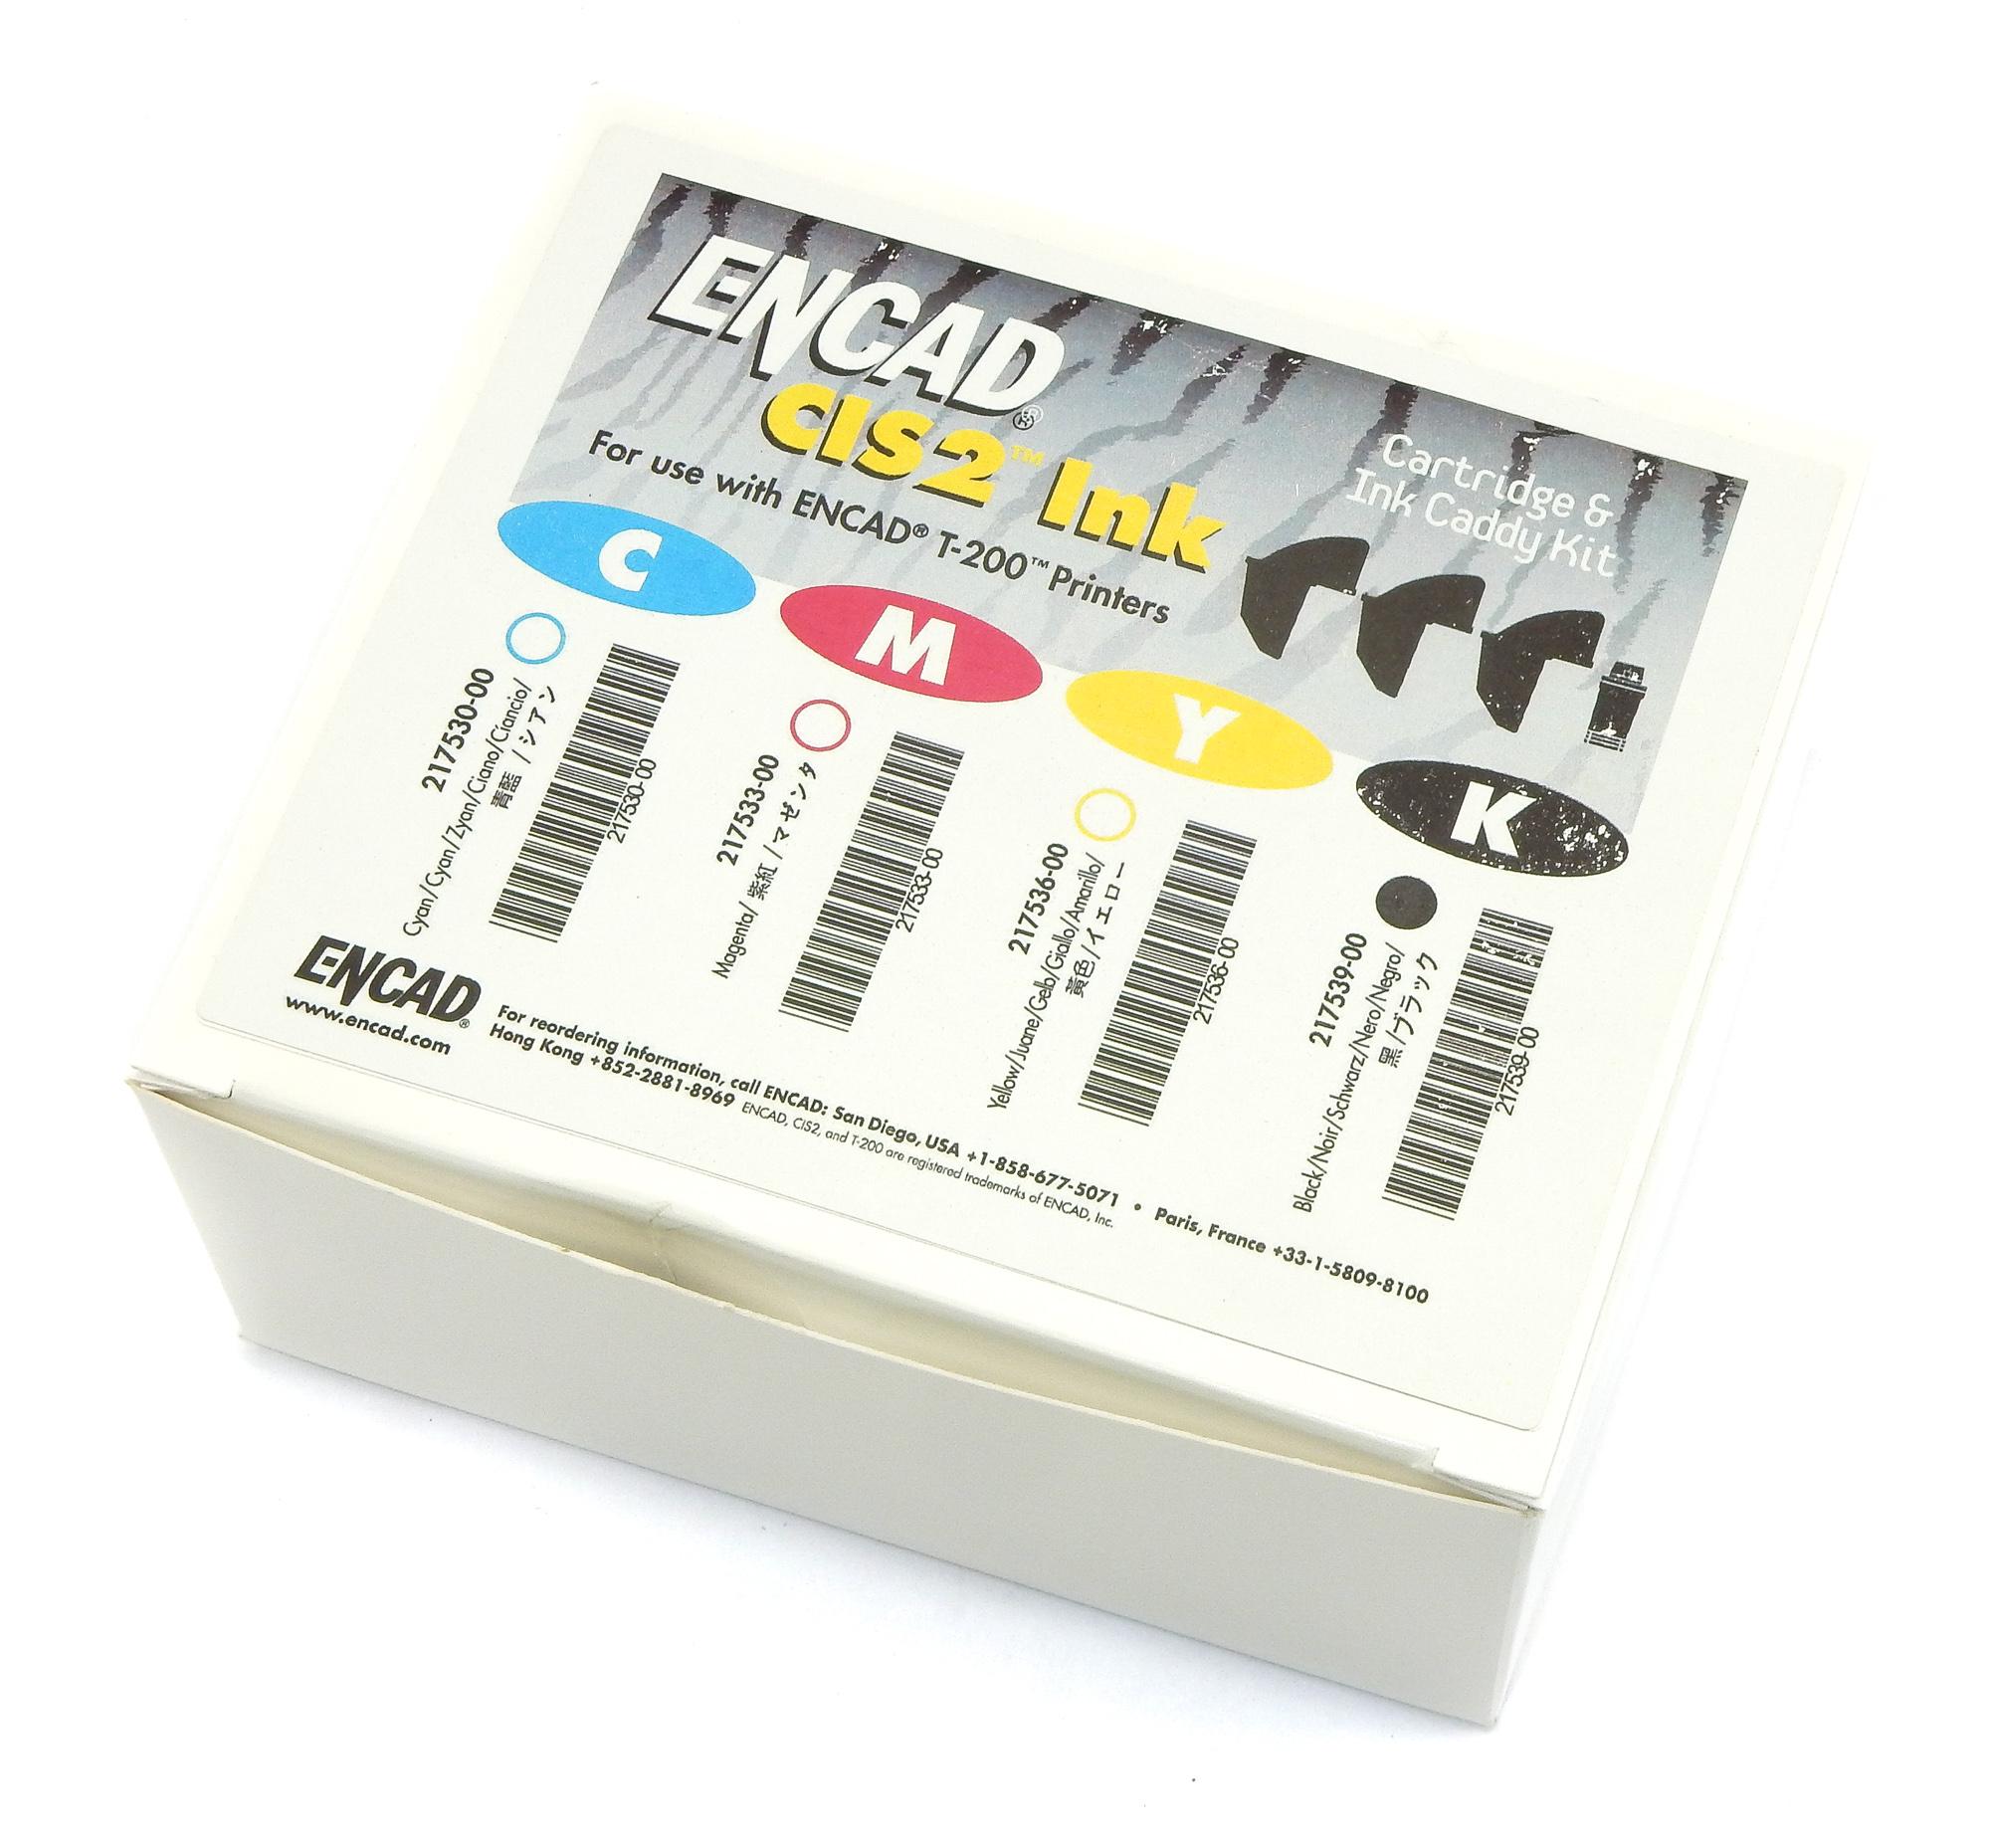 Genuine ENCAD 217539-00 CIS2 Cartridge & Ink Caddy Kit - Black